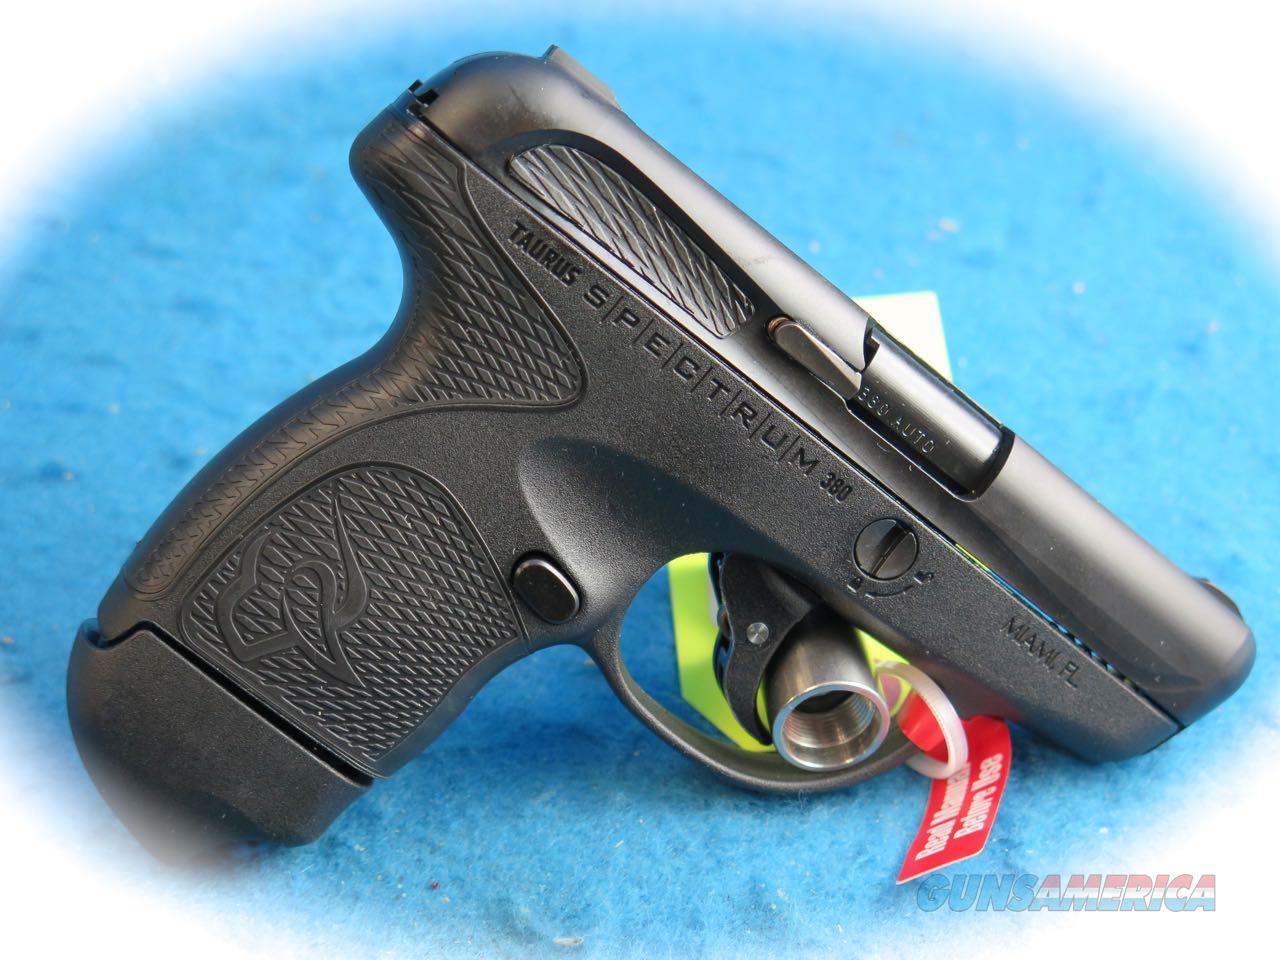 Taurus Spectrum .380 ACP Pistol **New**  Guns > Pistols > Taurus Pistols > Semi Auto Pistols > Polymer Frame